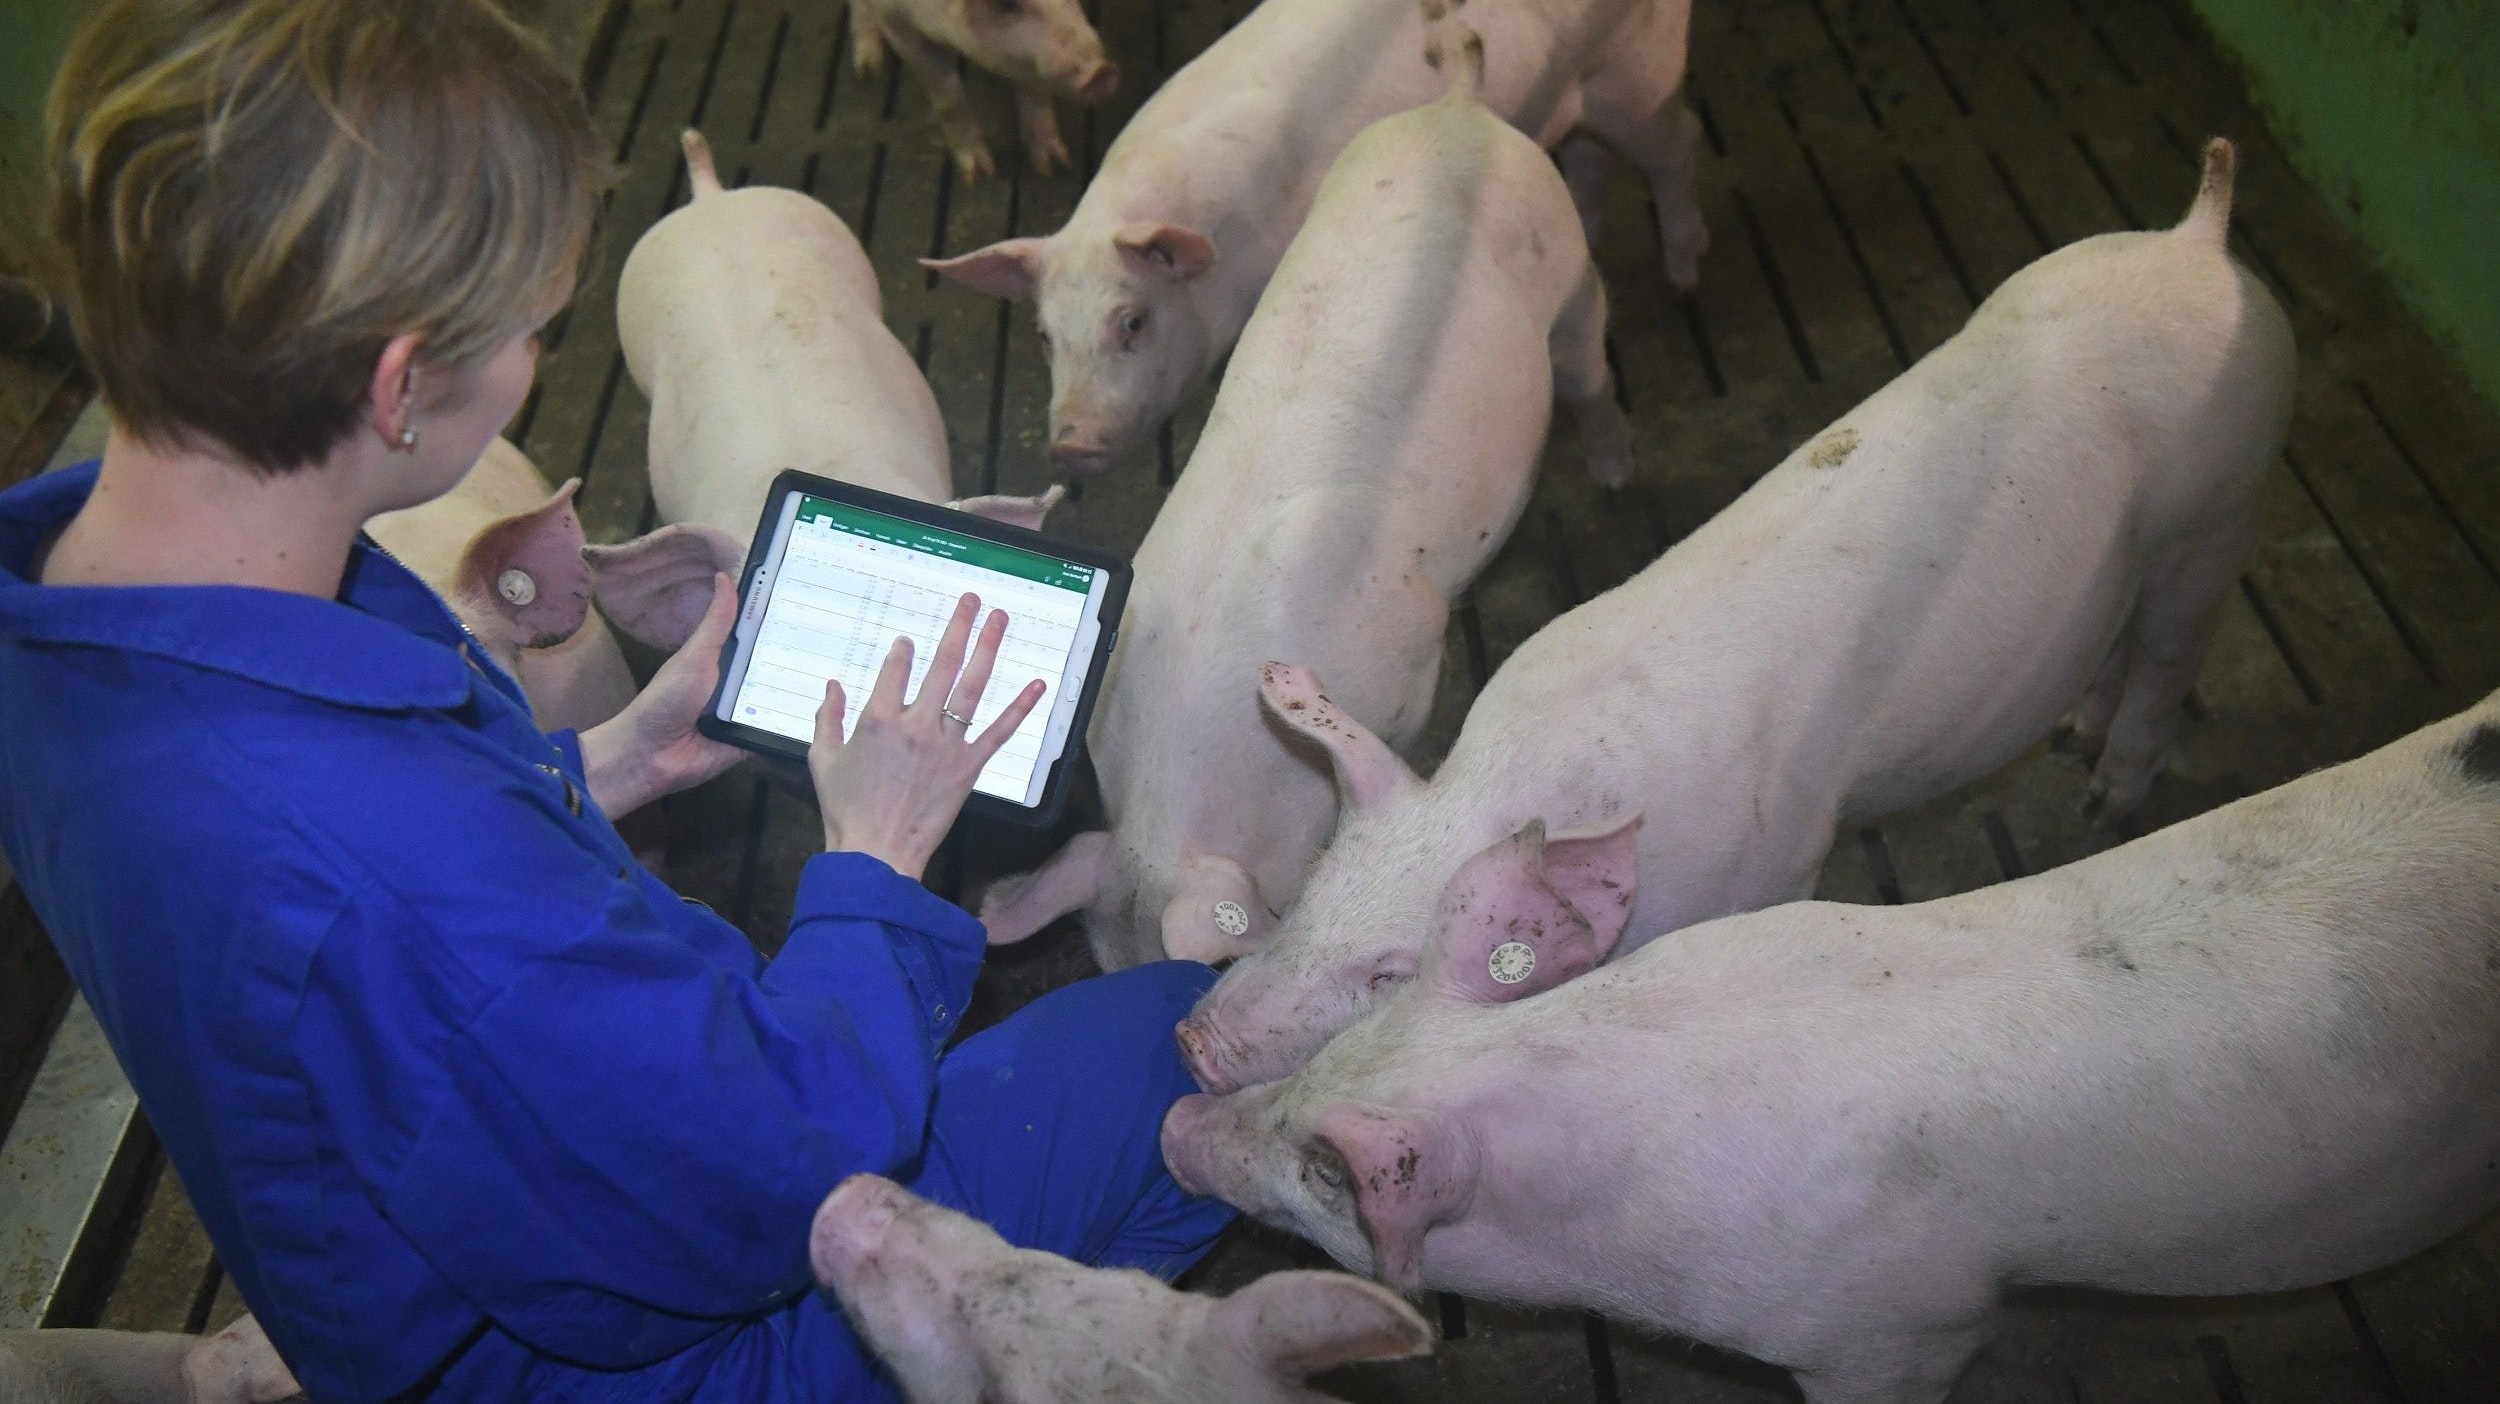 Digitalisierung im Stall: Mit einer App lässt sich das Tierwohlmanagement verbessern. Das ist ein Beispiel für die Tierhaltung der Zukunft. Foto: dpa/Rehder